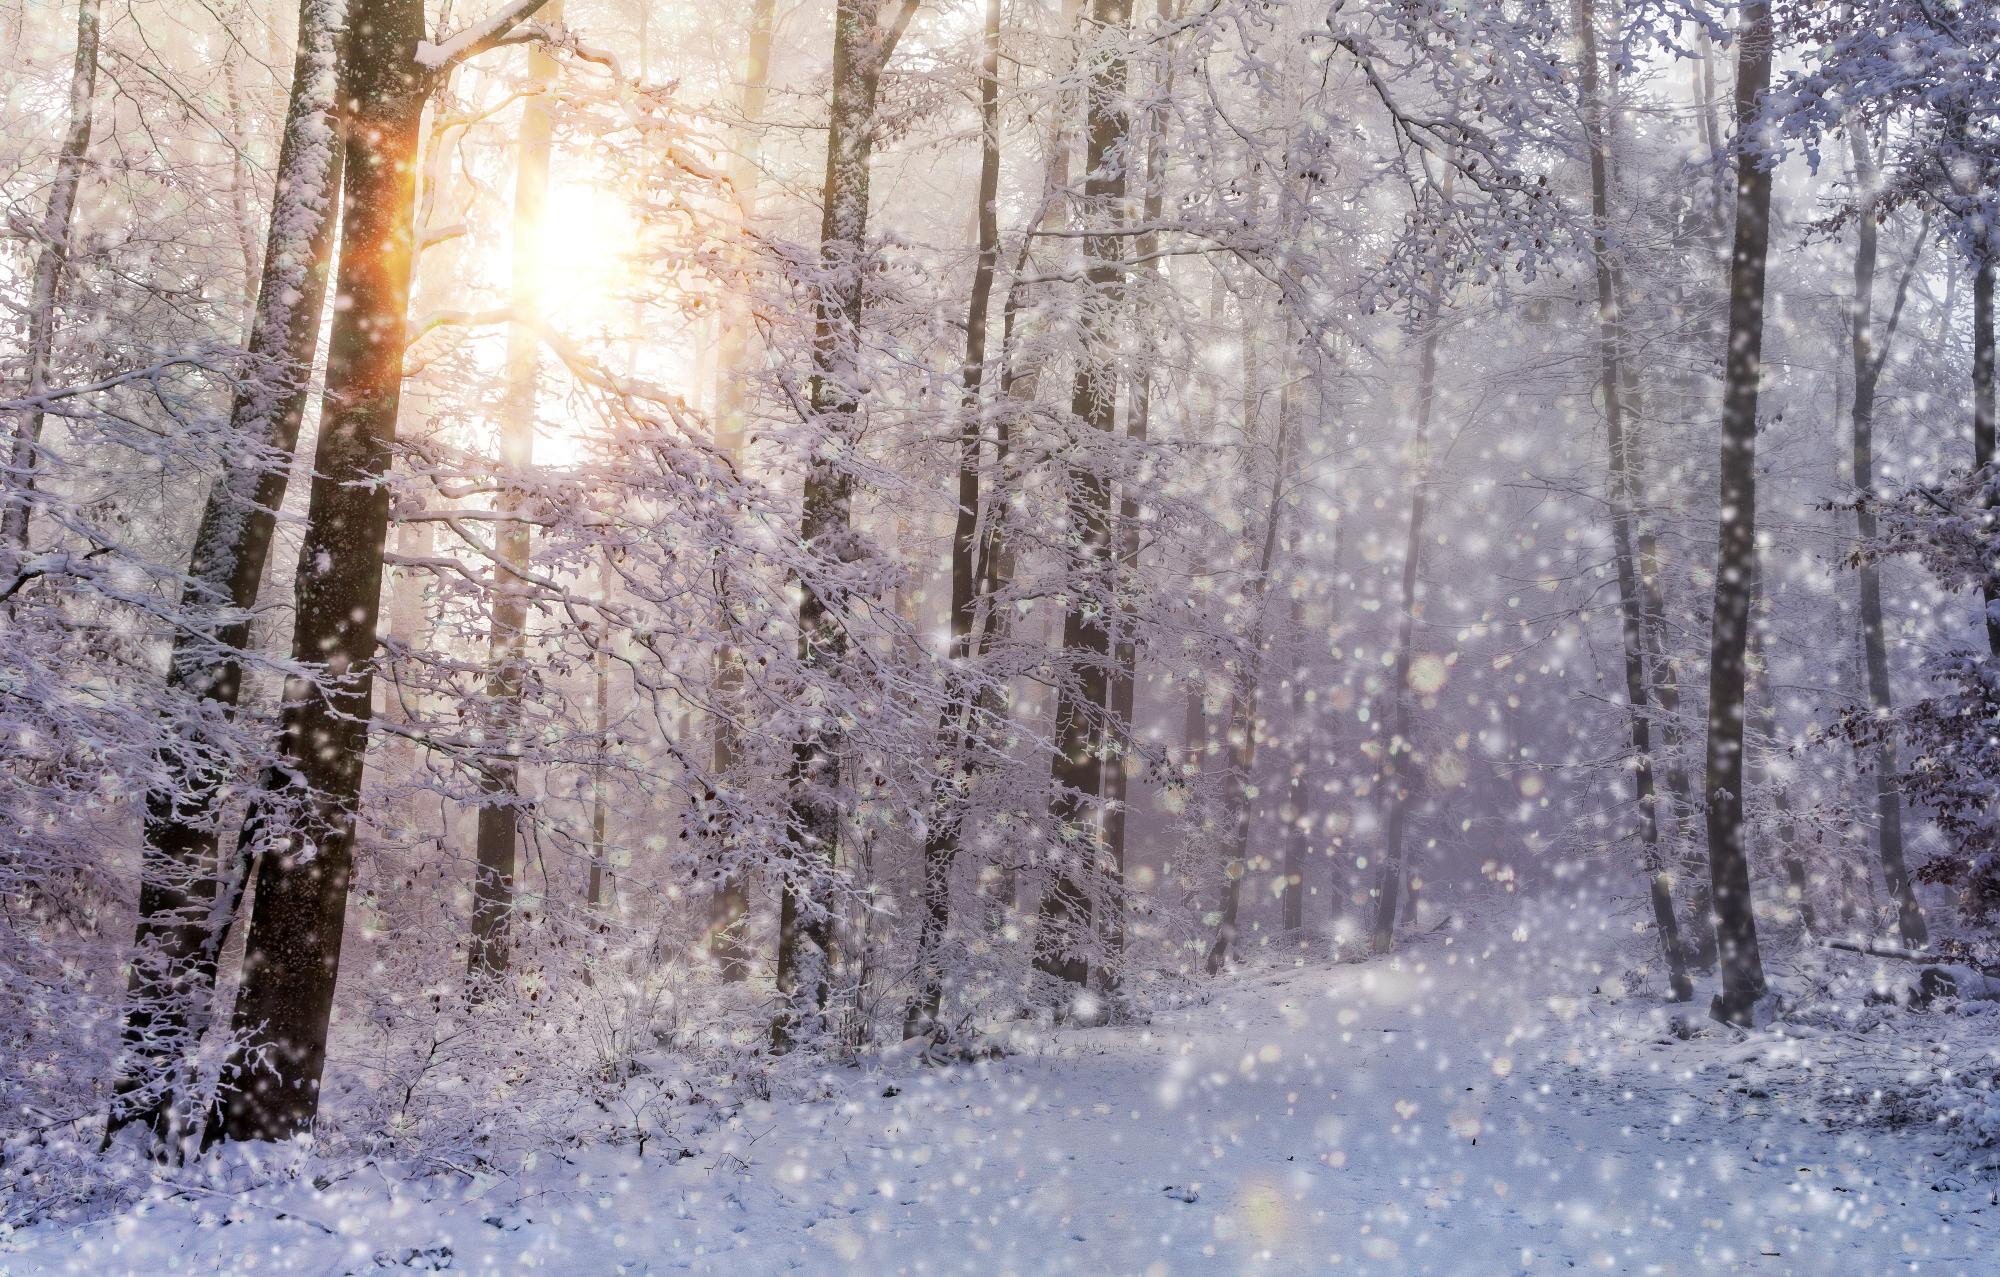 Snow joerg vieli3